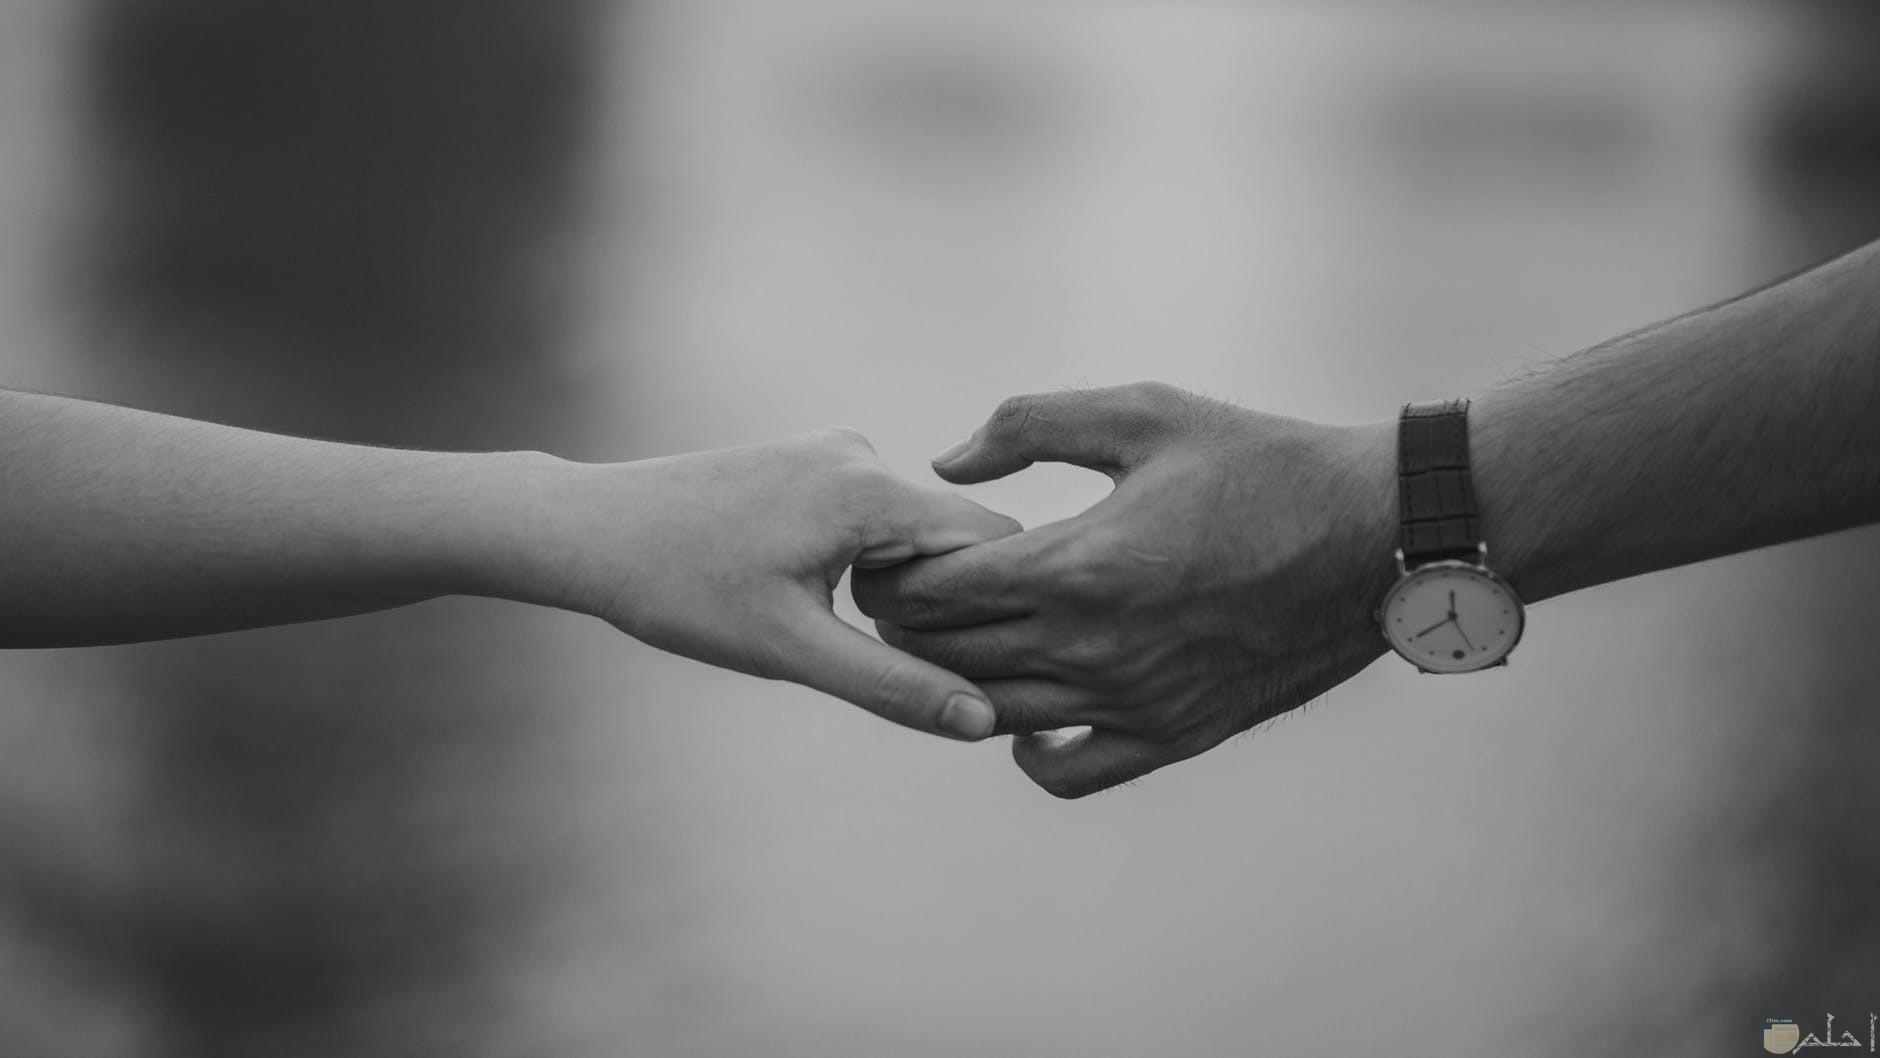 المحب الحقيقي هو دائما المتمسك بك مهما حصل لا يتركك ابدا